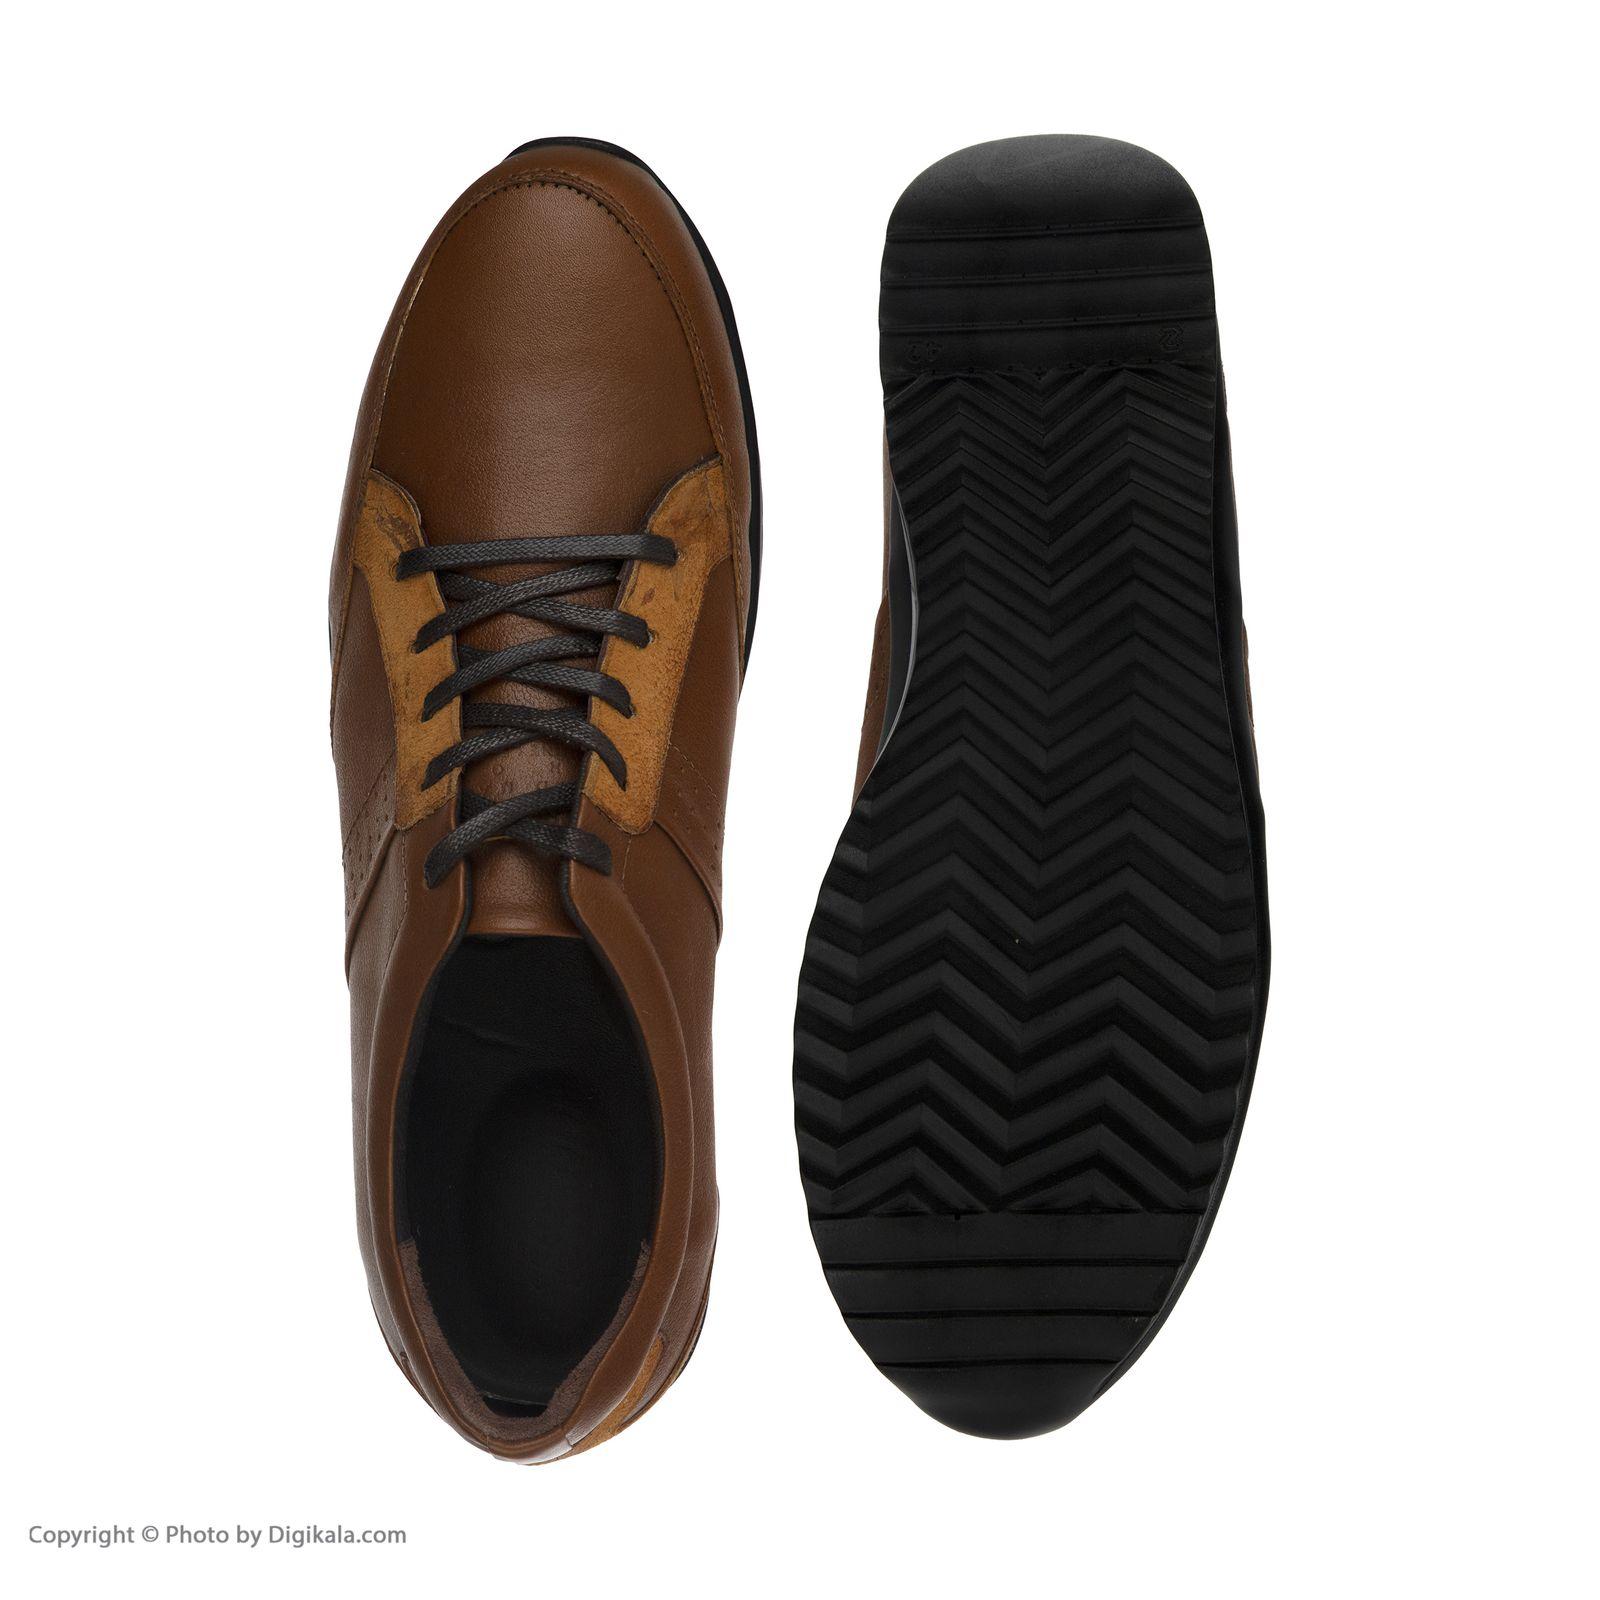 کفش روزمره مردانه بلوط مدل 7298A503136 -  - 4